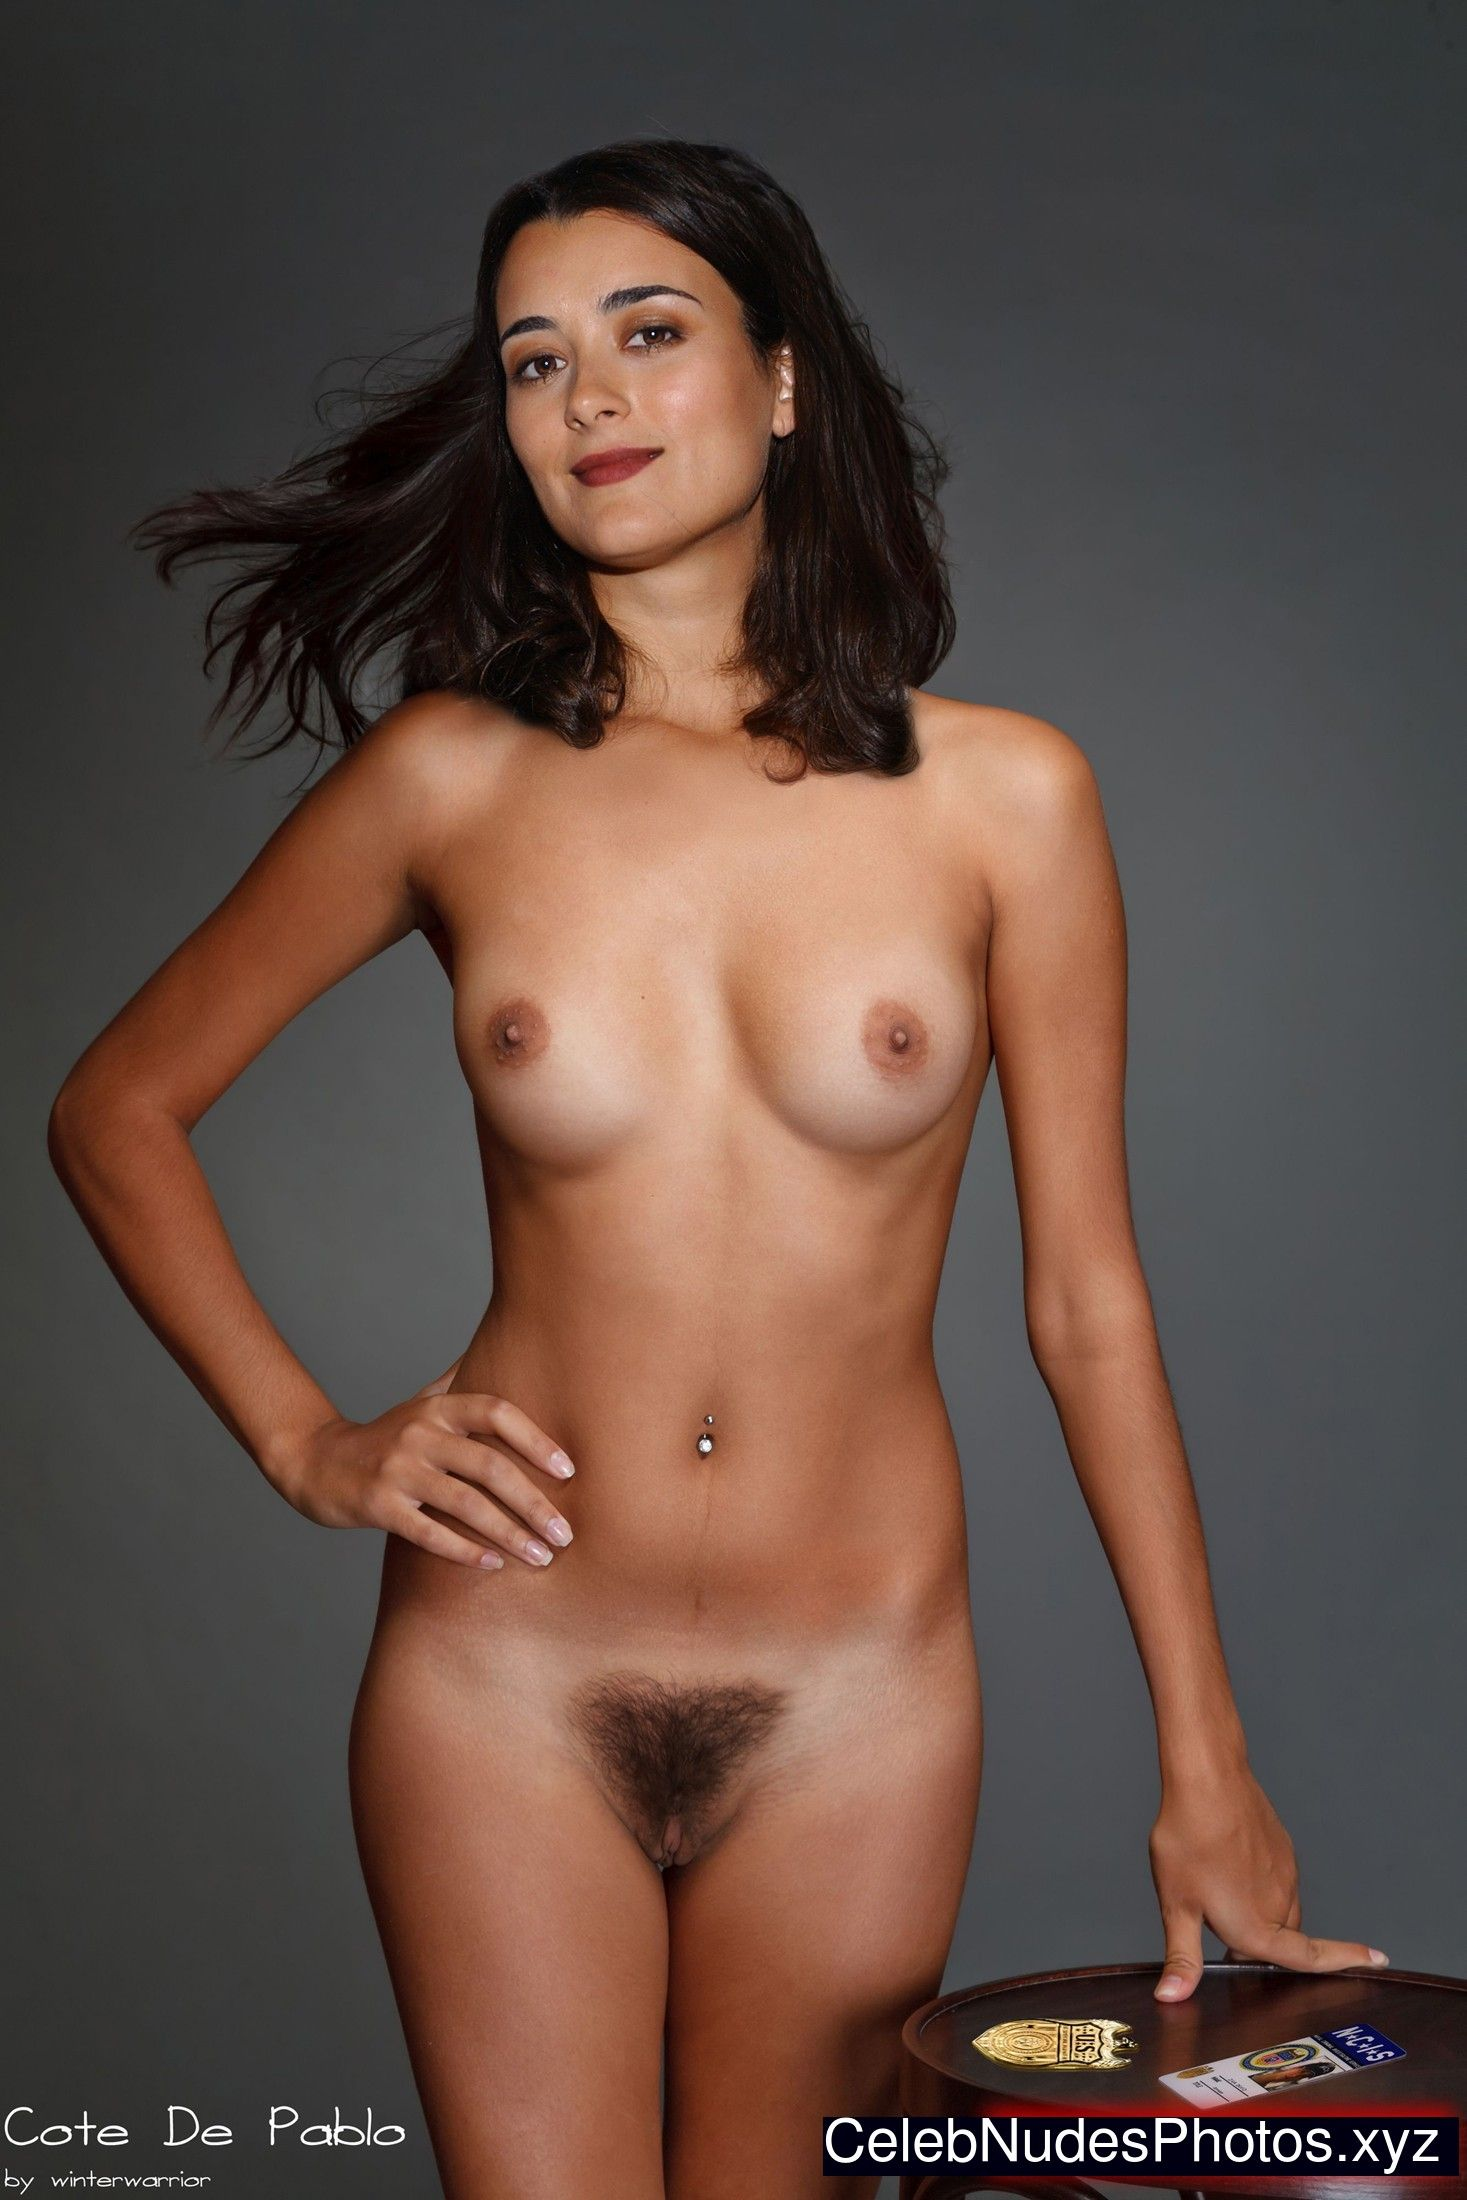 Coto de pablo getting fucked fake porn pics